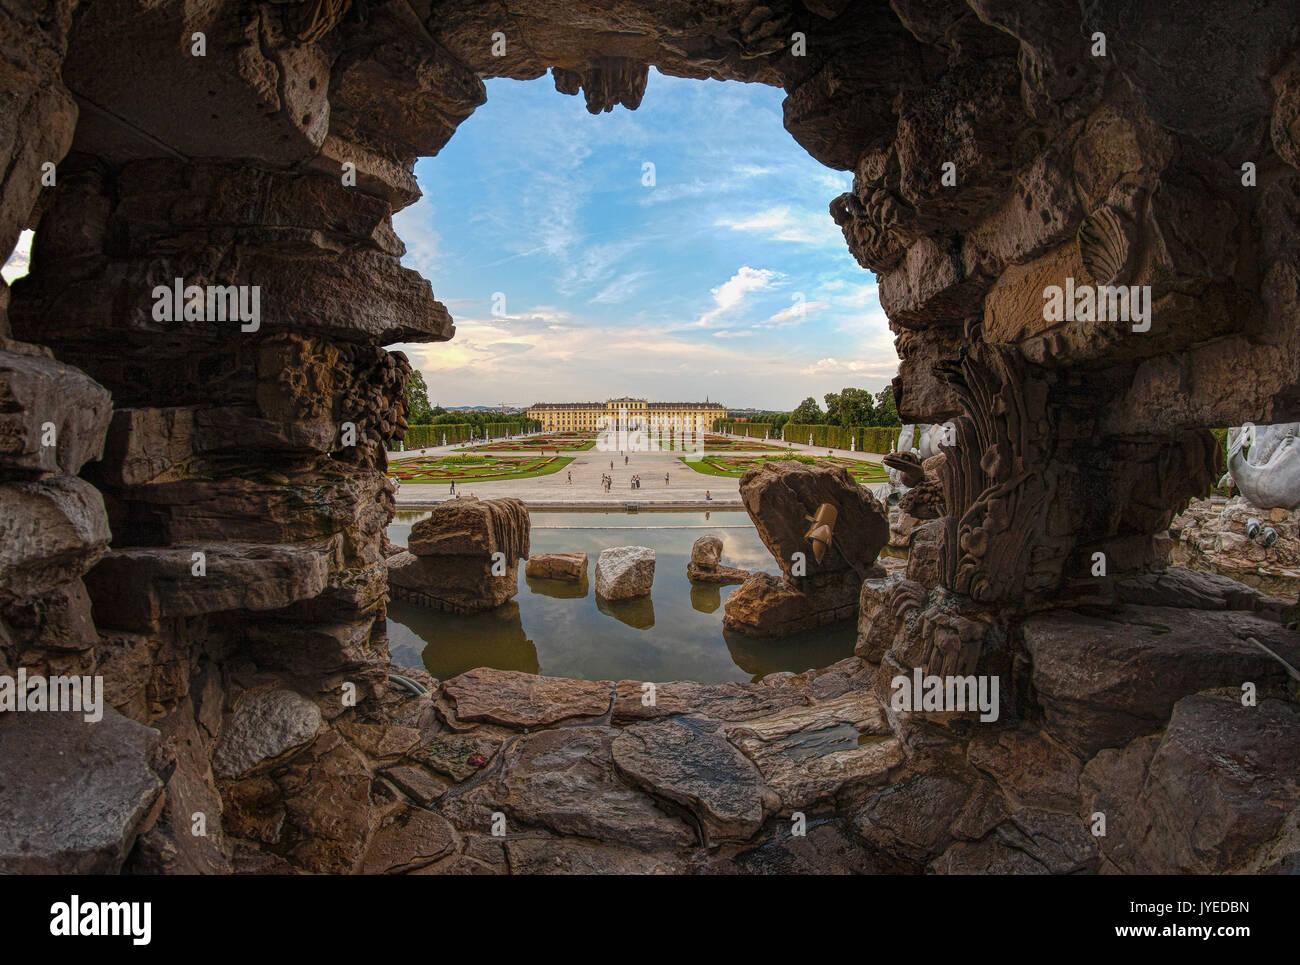 Palais de Schonbrunn, site du patrimoine mondial de l'UNESCO, vienne, autriche. Photo Stock